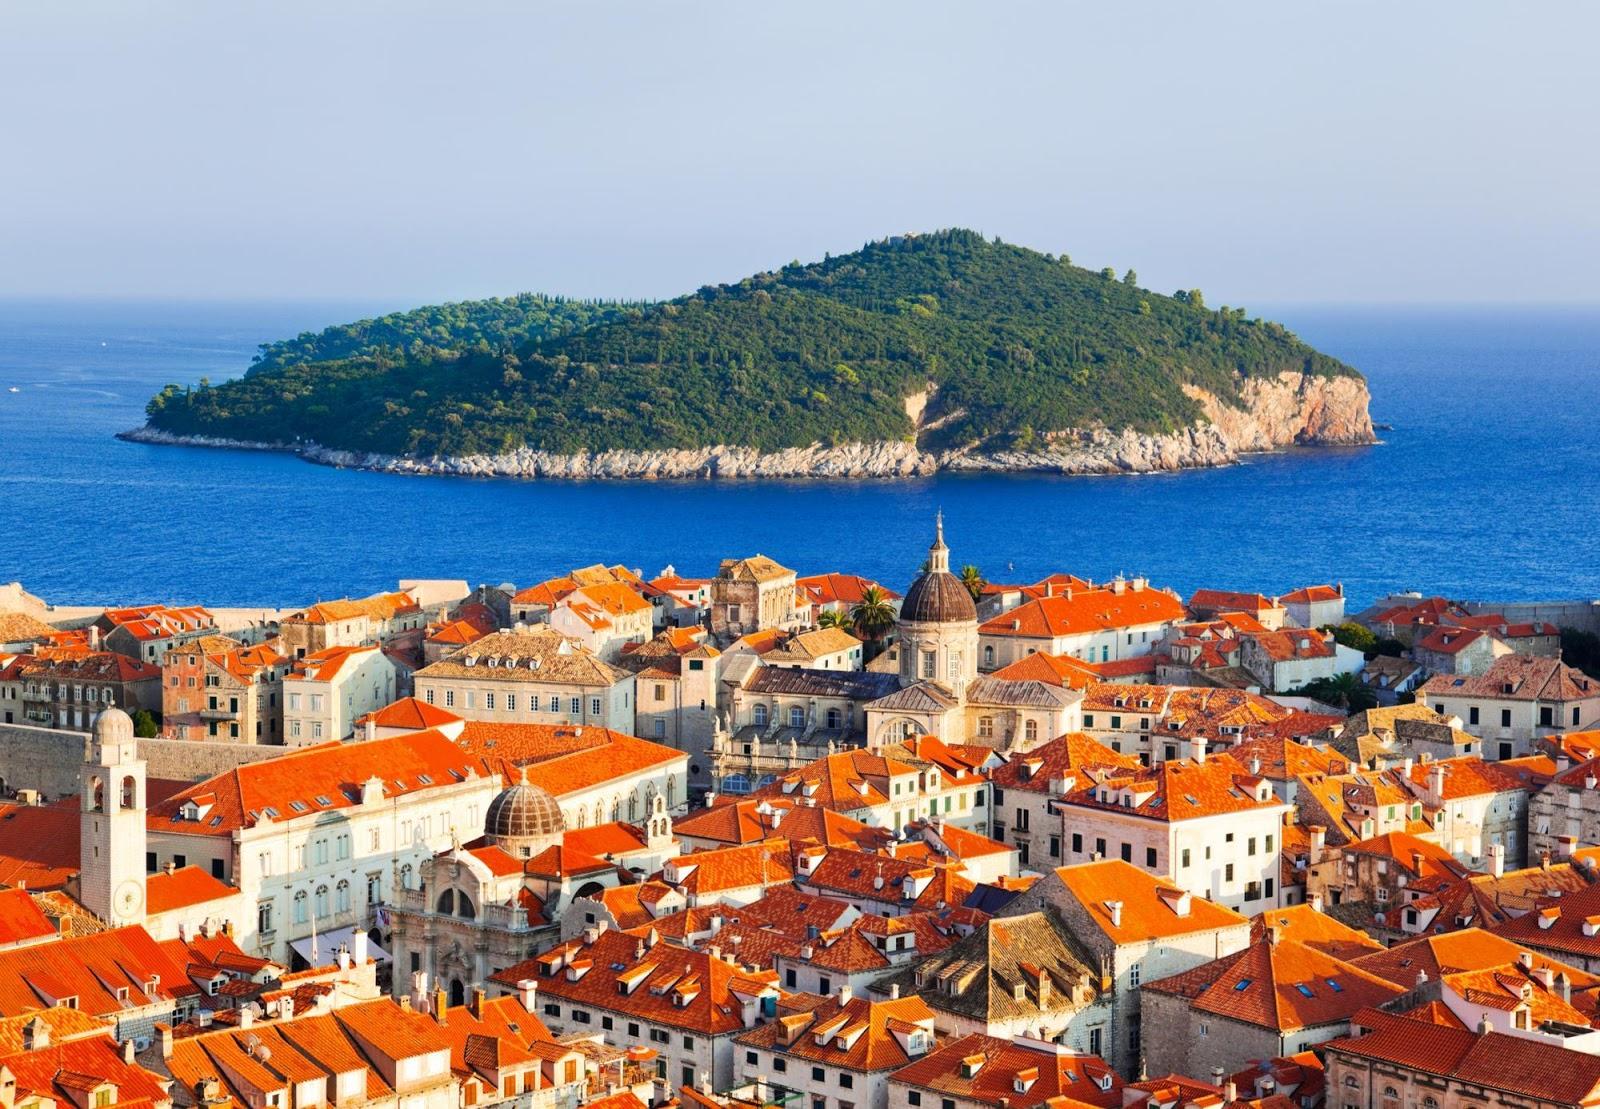 Croácia | Melhores Lugares Para Visitar na Croácia